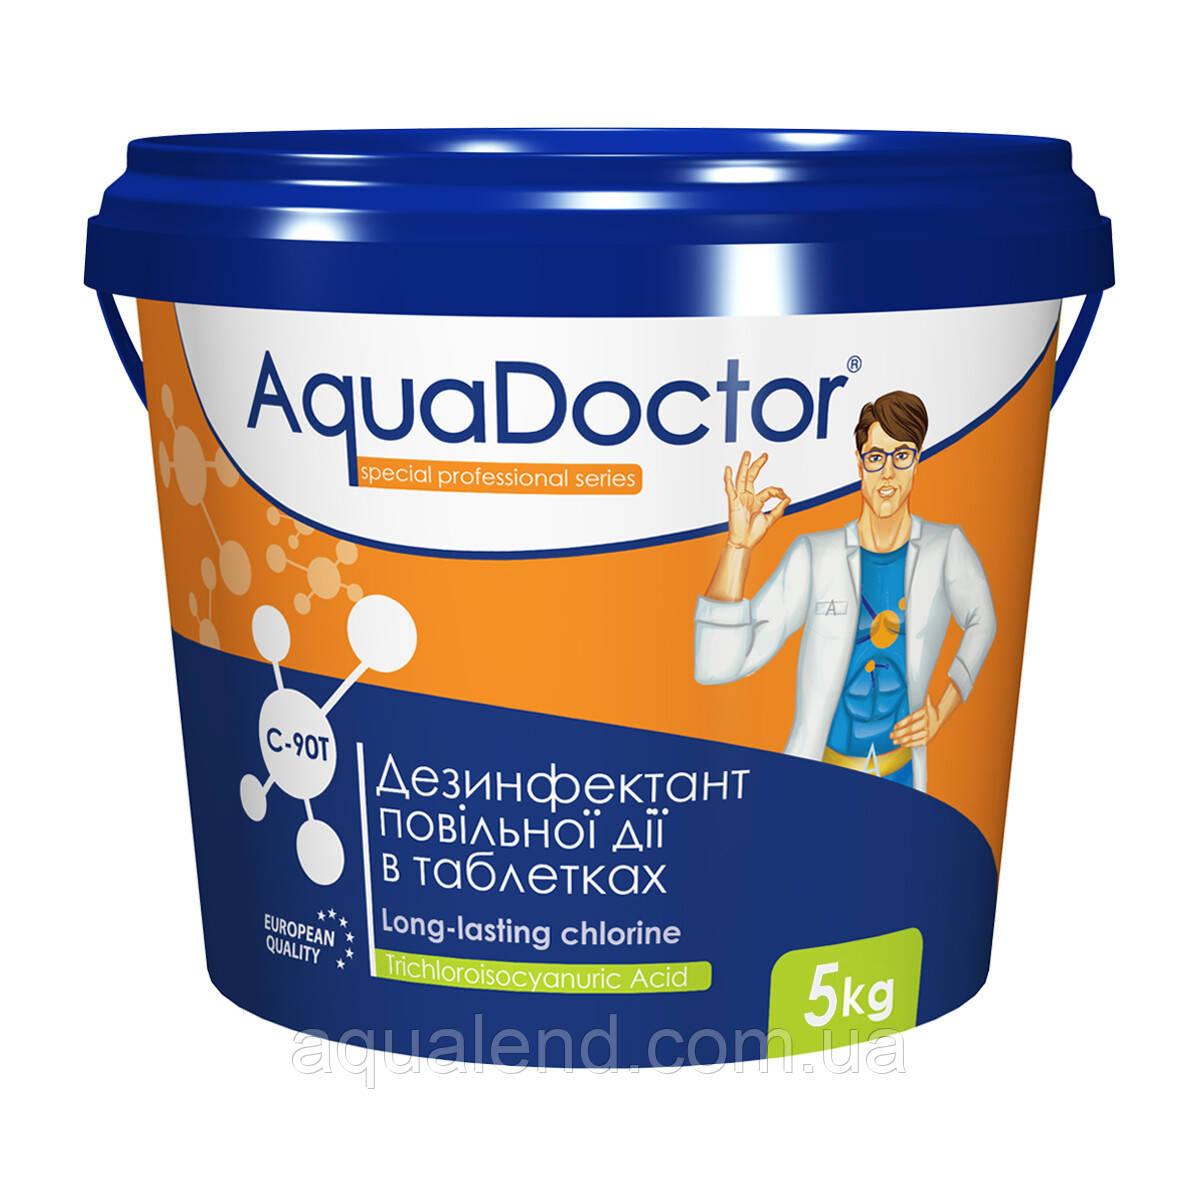 C-90Т, 50кг повільнорозчинний хлор для басейну (дезінфекант тривалої дії) в табл., AquaDoctor